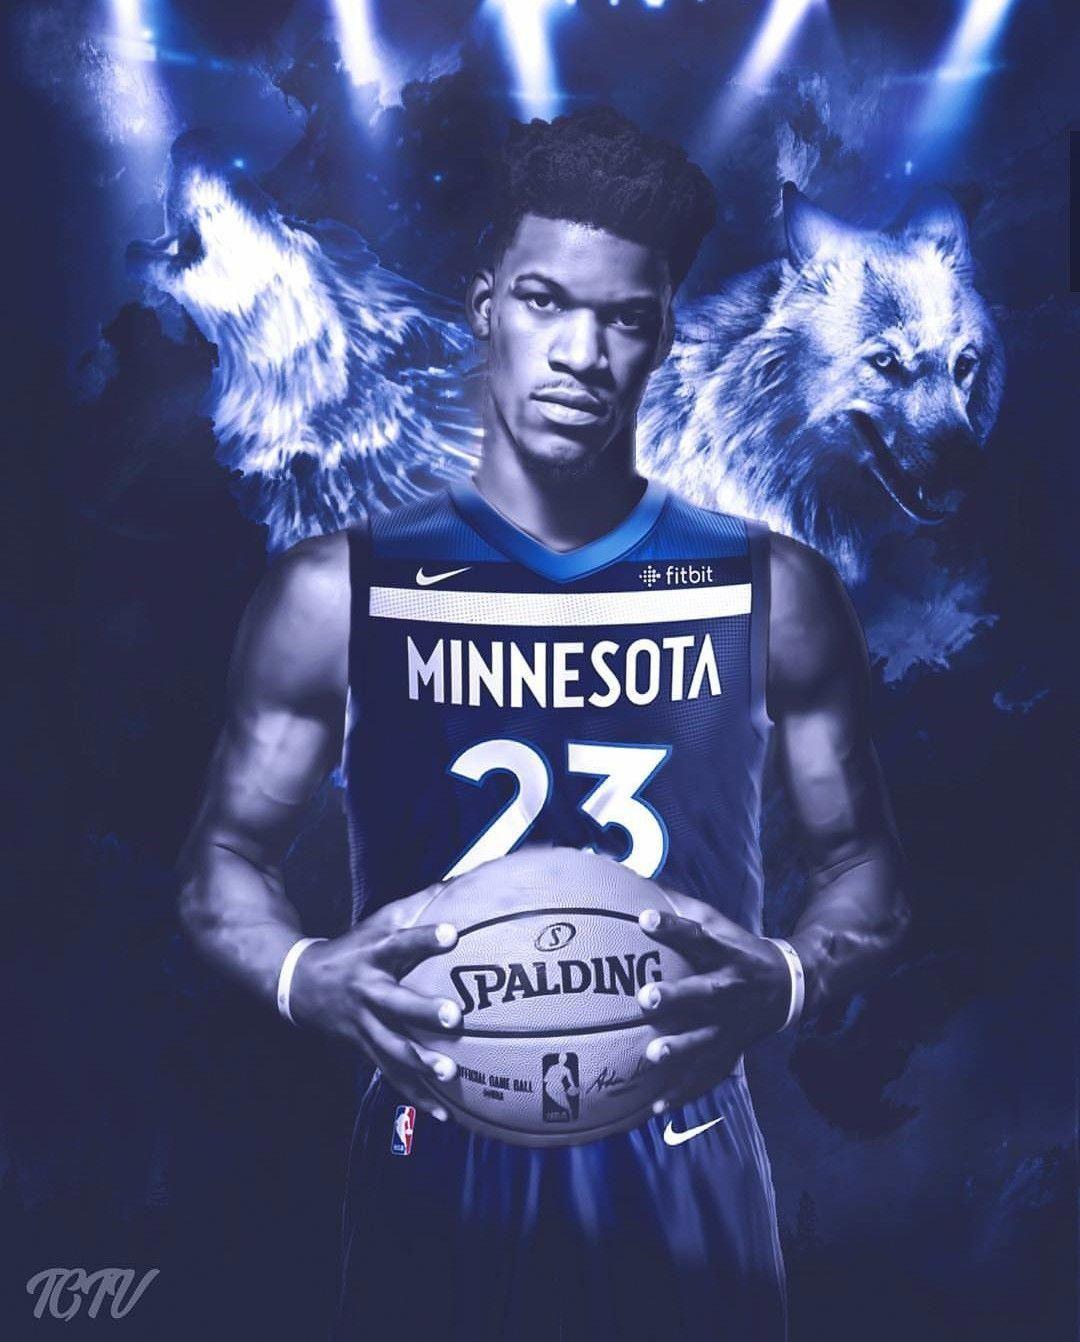 Jimmy Butler Minnesota Timberwolves Interestingsportsmemes Minnesota Timberwolves Basketball Minnesota Timberwolves Basketball Photography